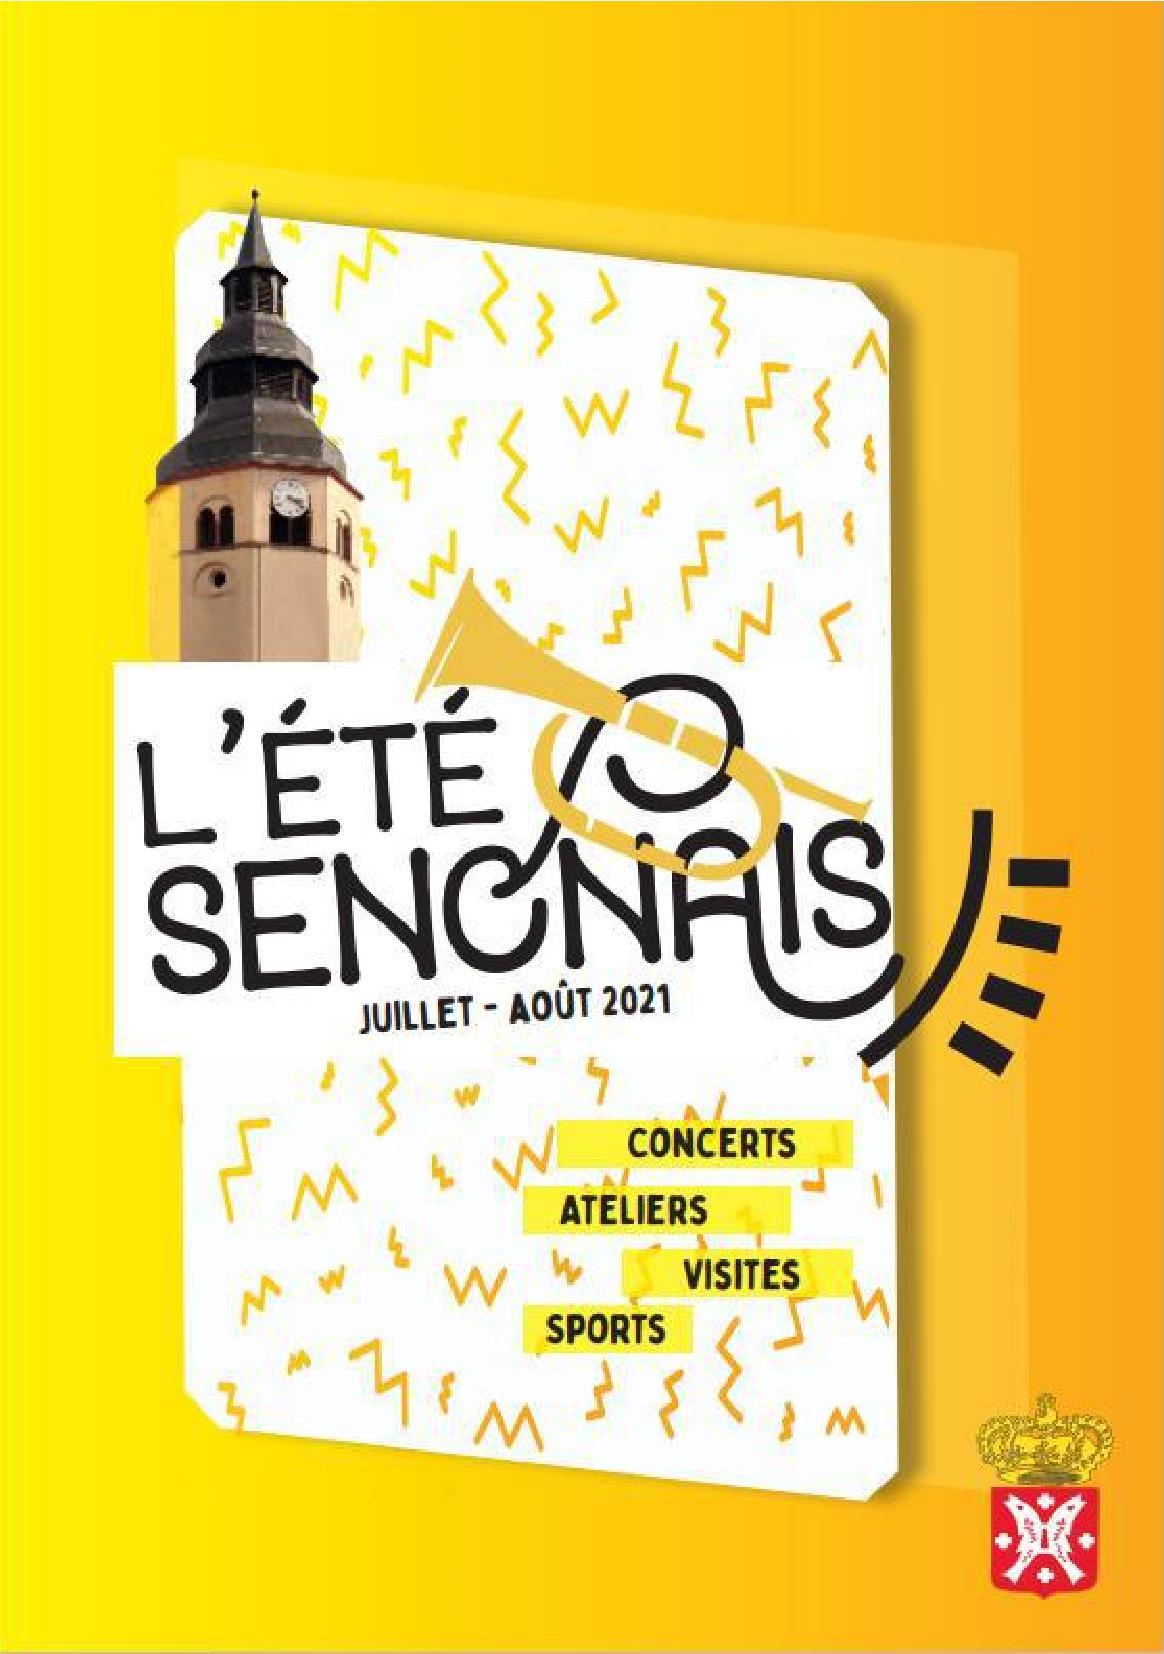 Saison Estivale à Senones 2021 Concerts Ateliers Visites Sports